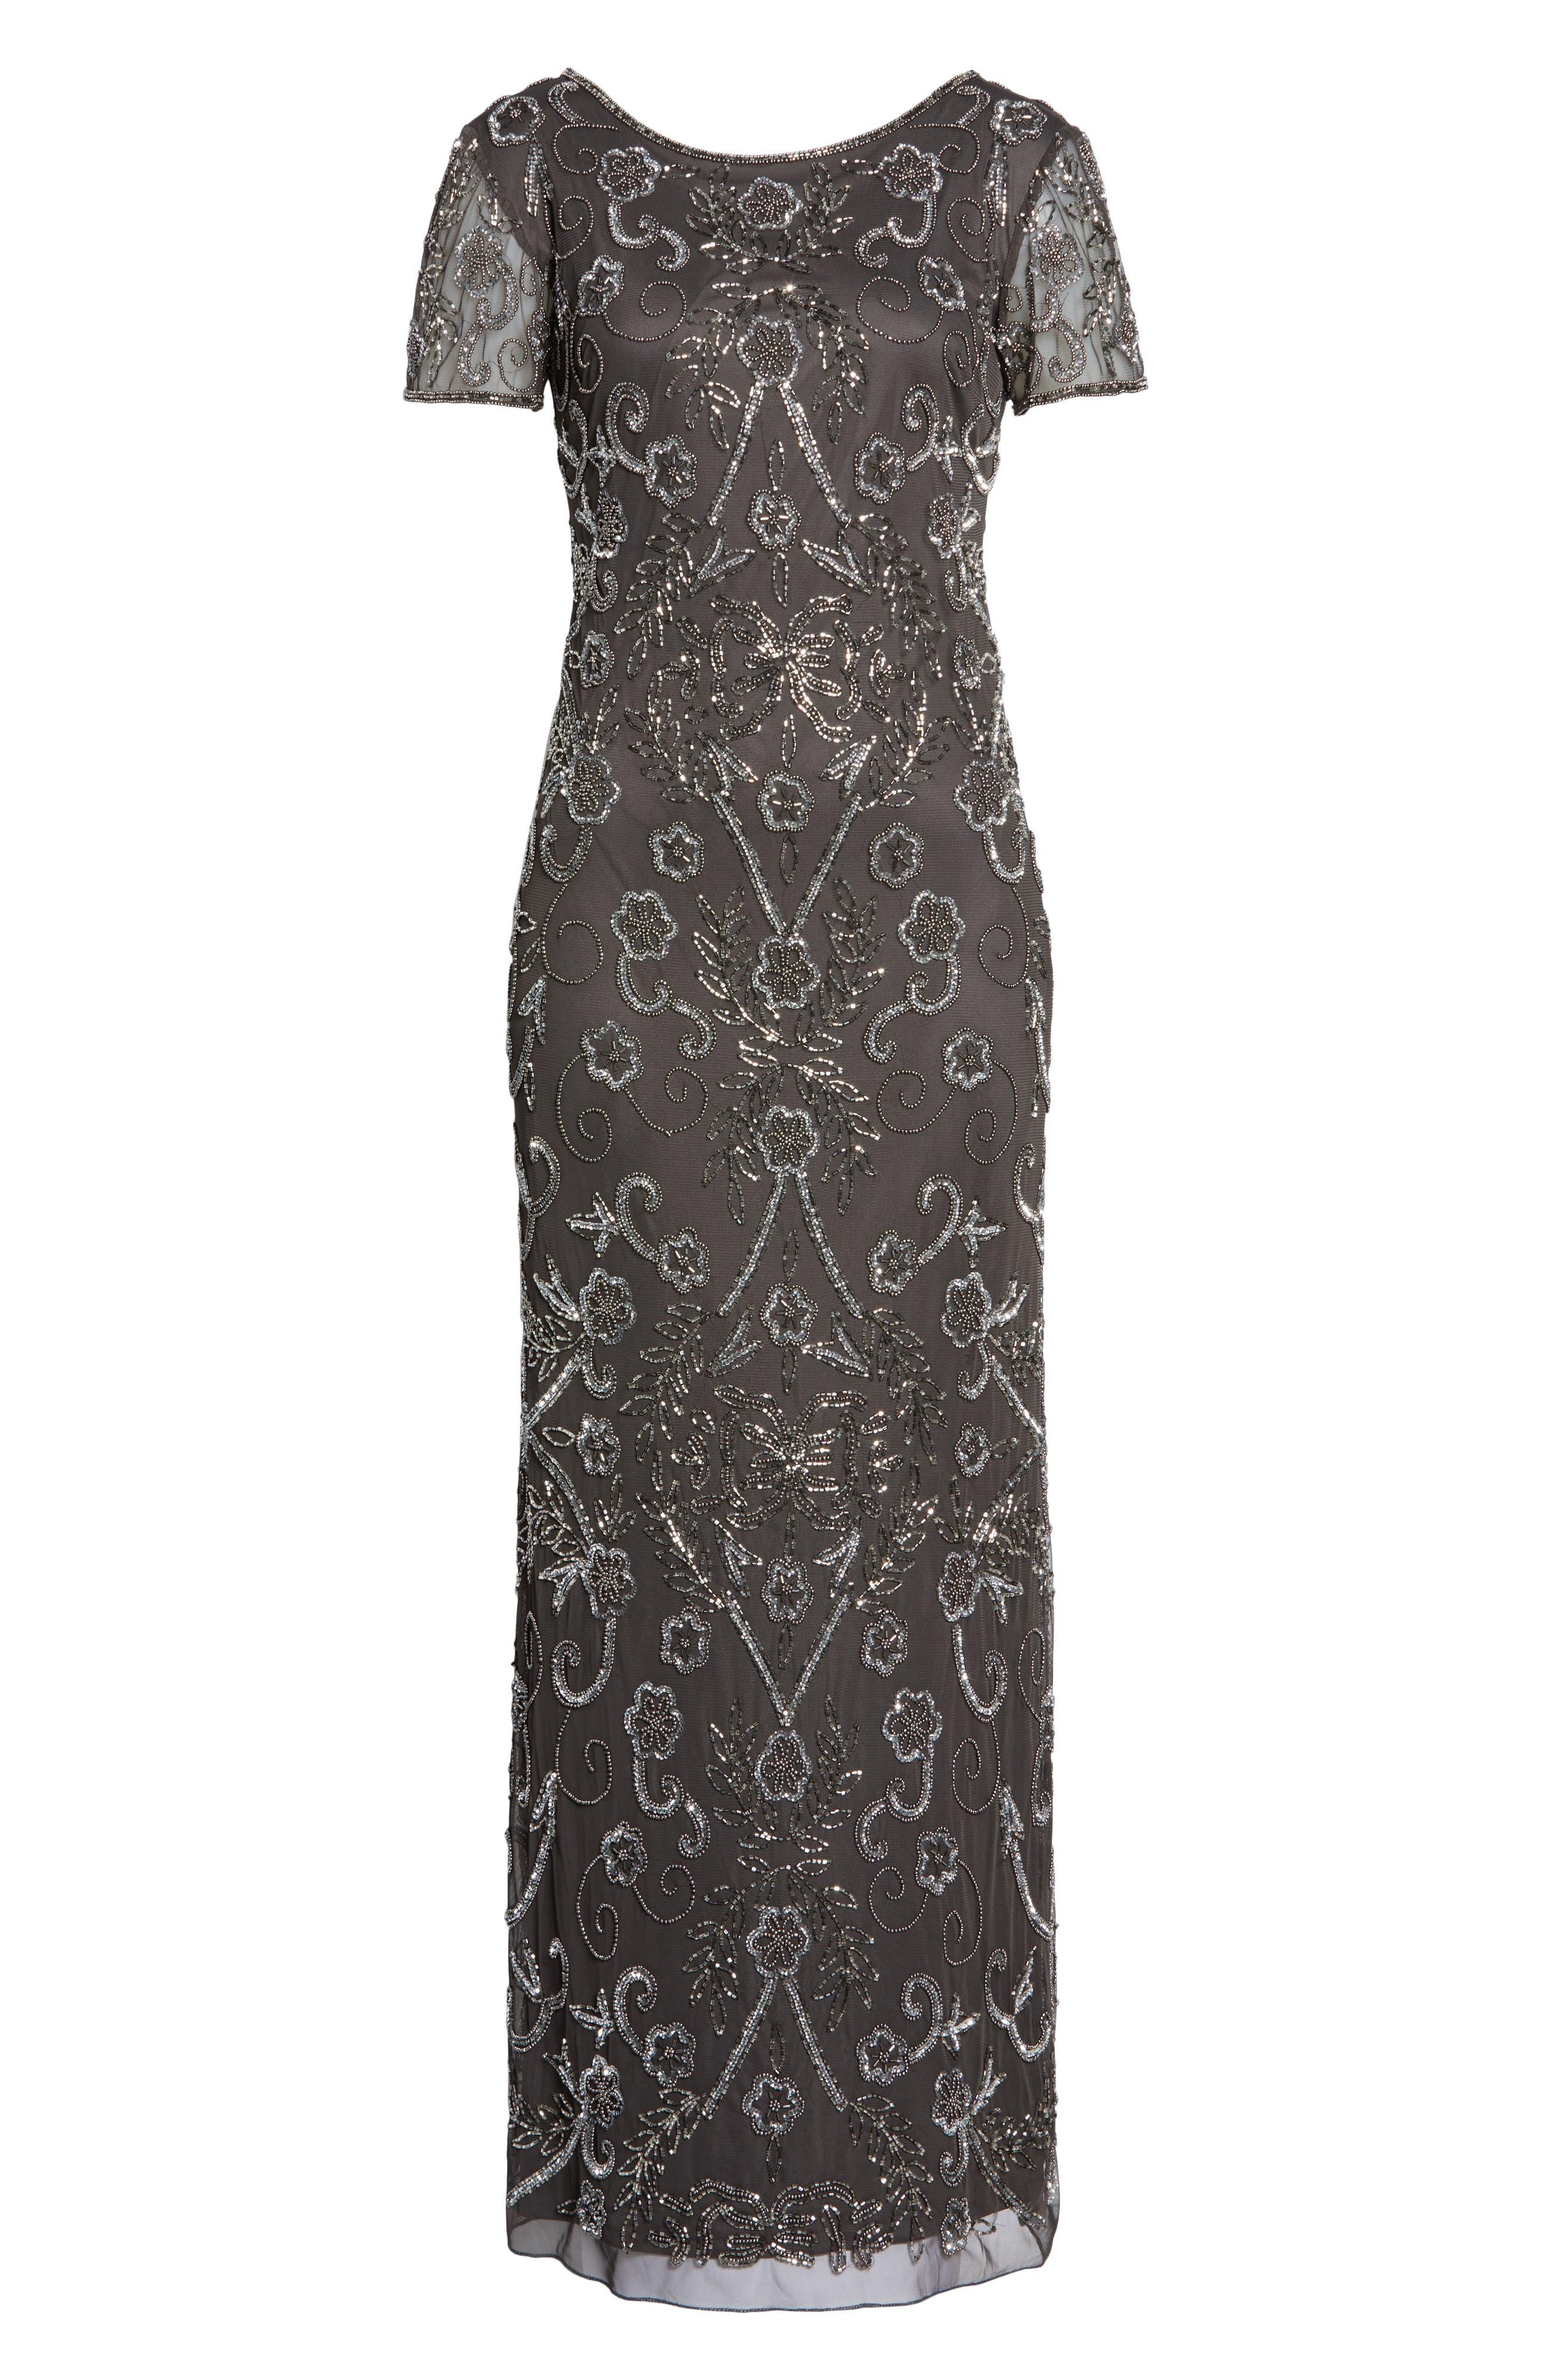 PISARRO NIGHTS, Embellished Mesh Evening Dress, Alternate thumbnail 7, color, SLIVER / GREY